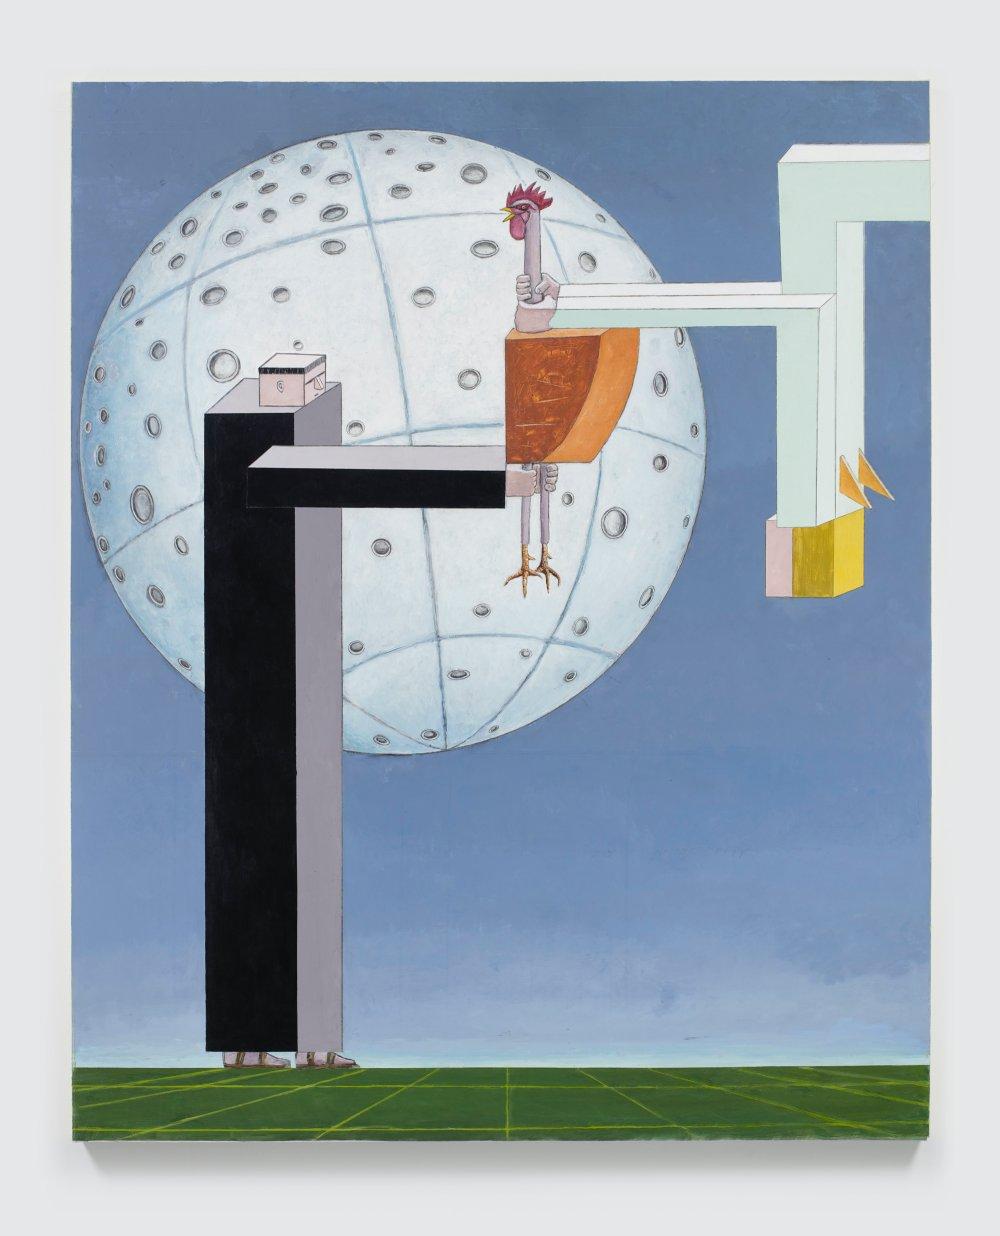 Deliverance (after El Lissitzky)